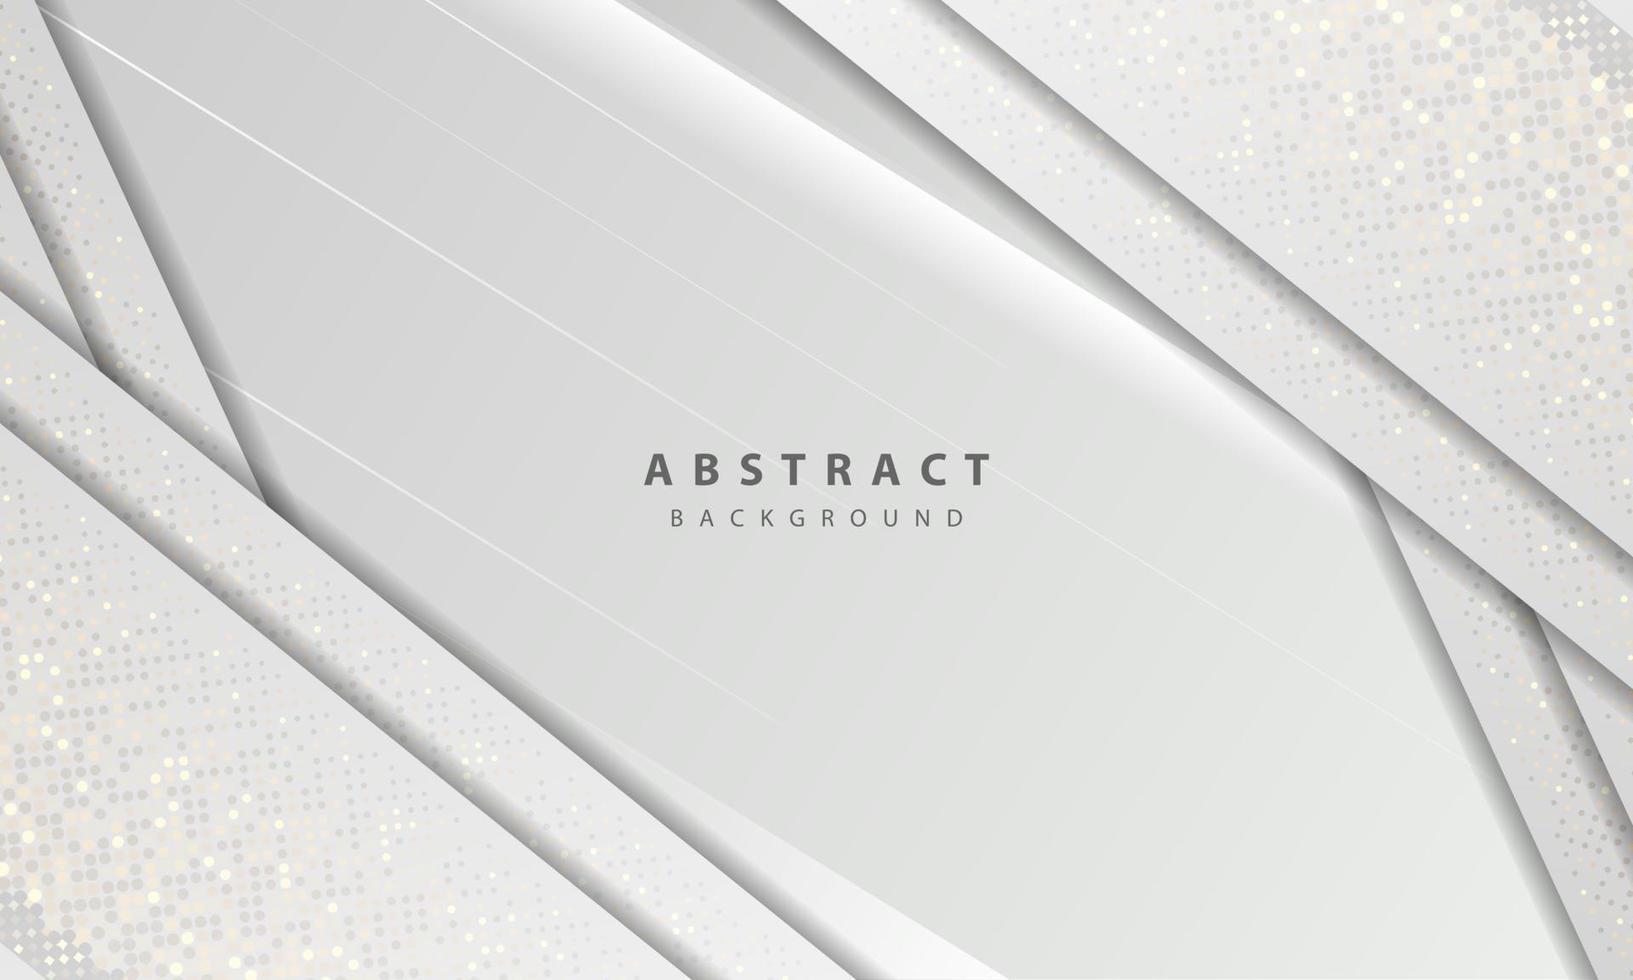 lyx och modern konceptstruktur med silver glitter prickar element dekoration. vit abstrakt bakgrund med pappersformer överlappar lager. vektor